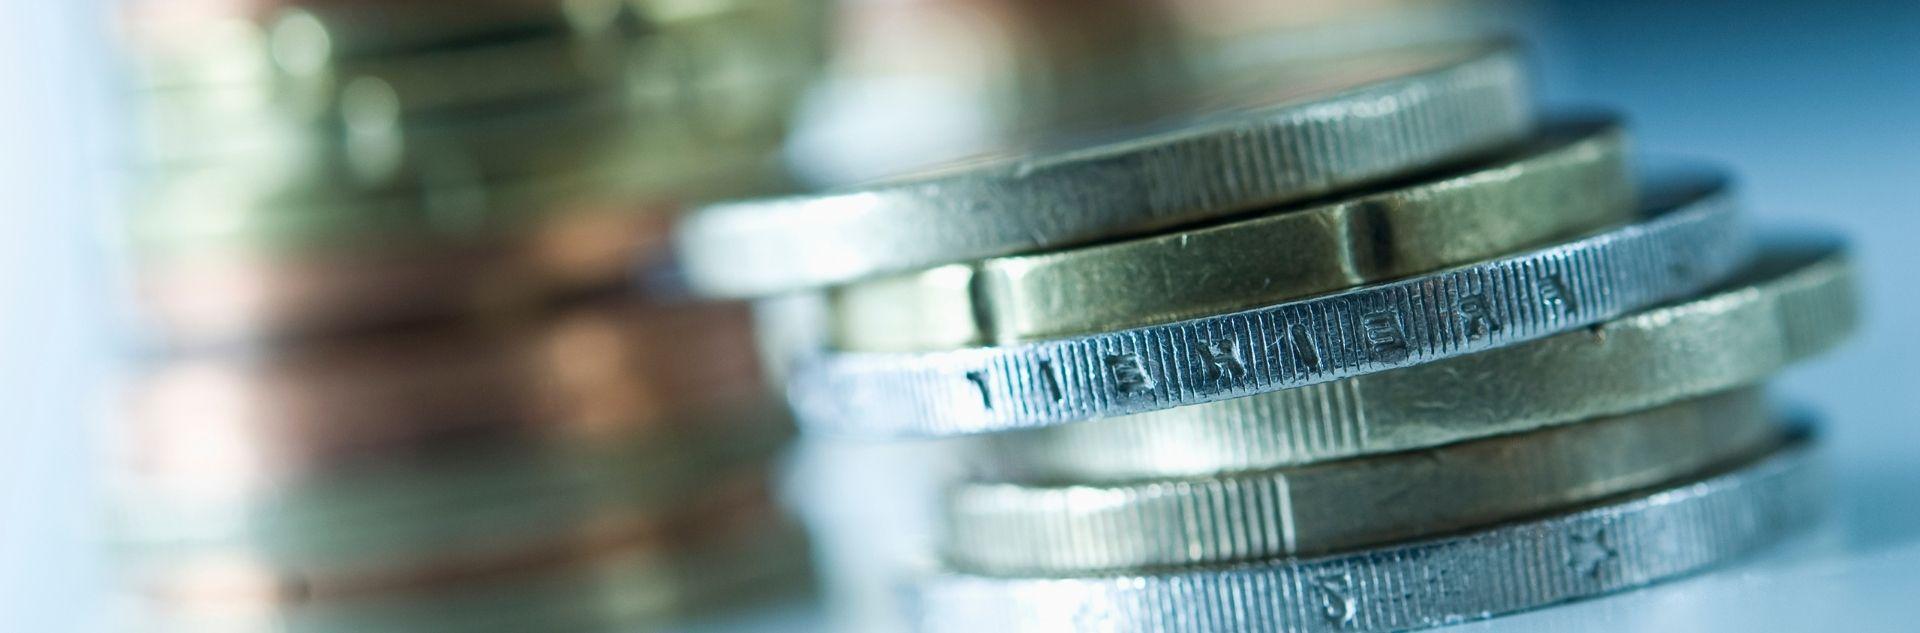 Reisekosten optimieren Euromünzen